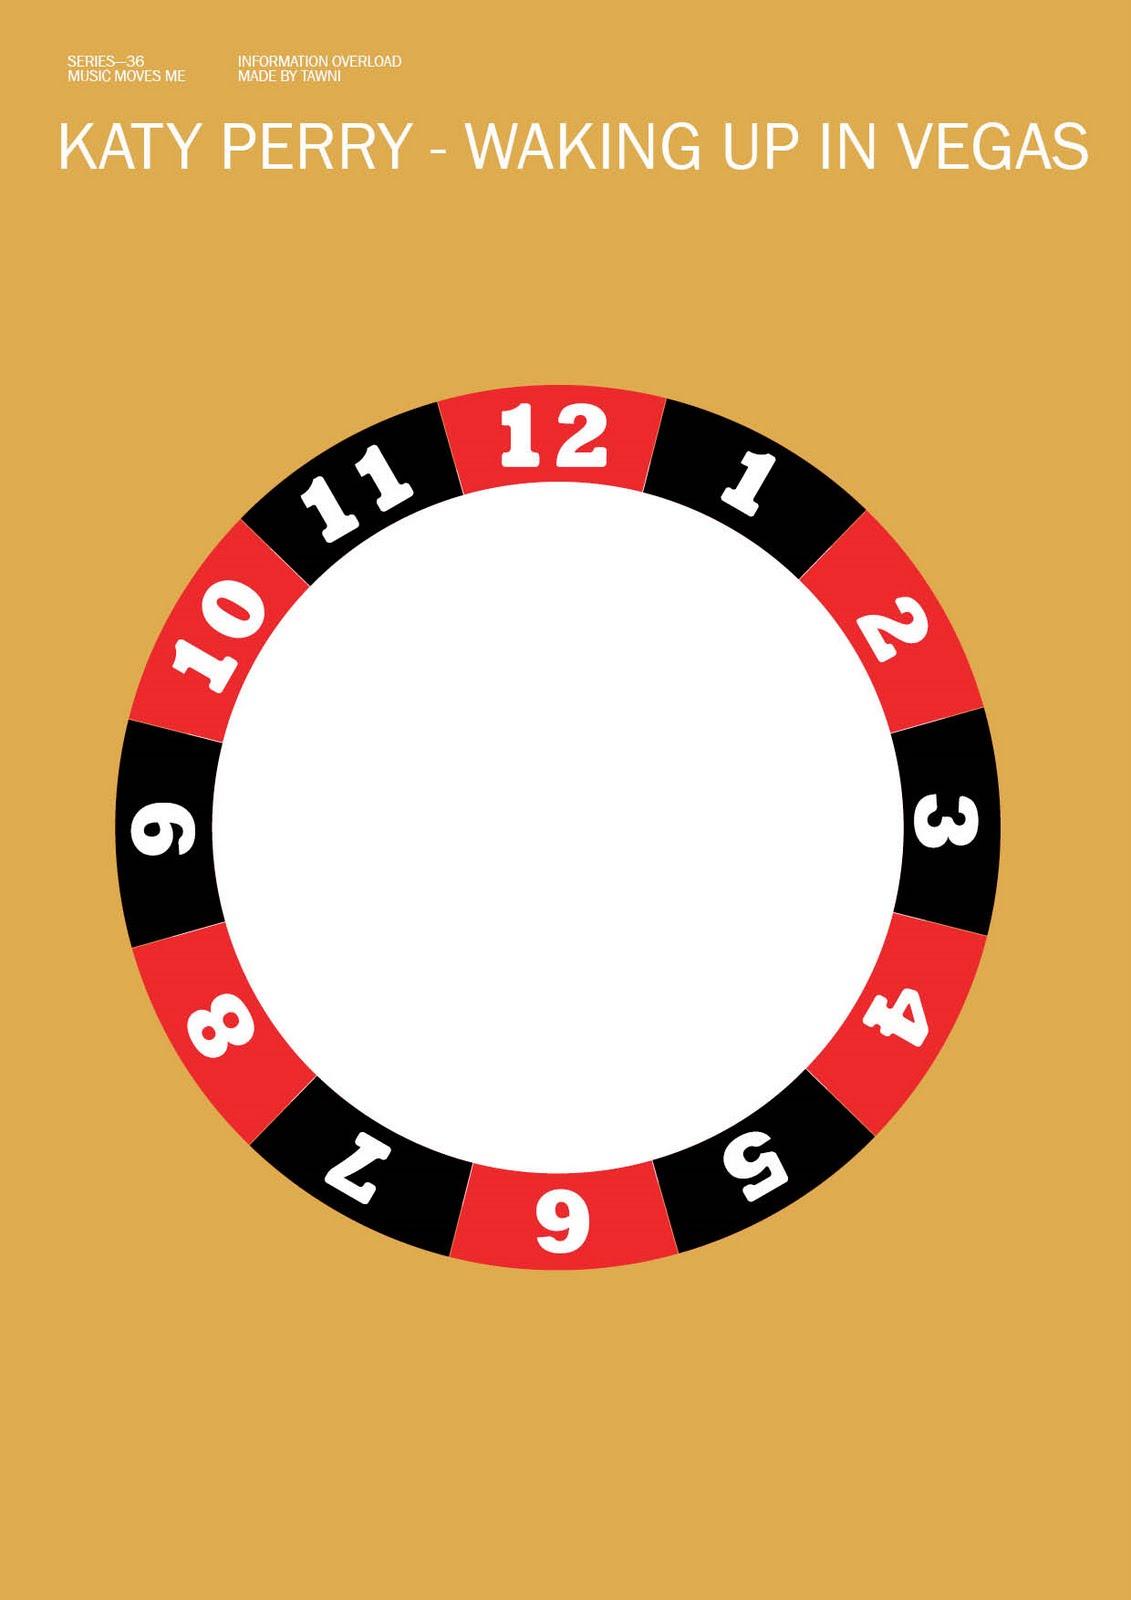 http://3.bp.blogspot.com/_FG7DQcXMAWQ/TAJK-L36uHI/AAAAAAAAAHs/3Yj9fWt-V40/s1600/300510_Waking+Up+In+Vegas.jpg